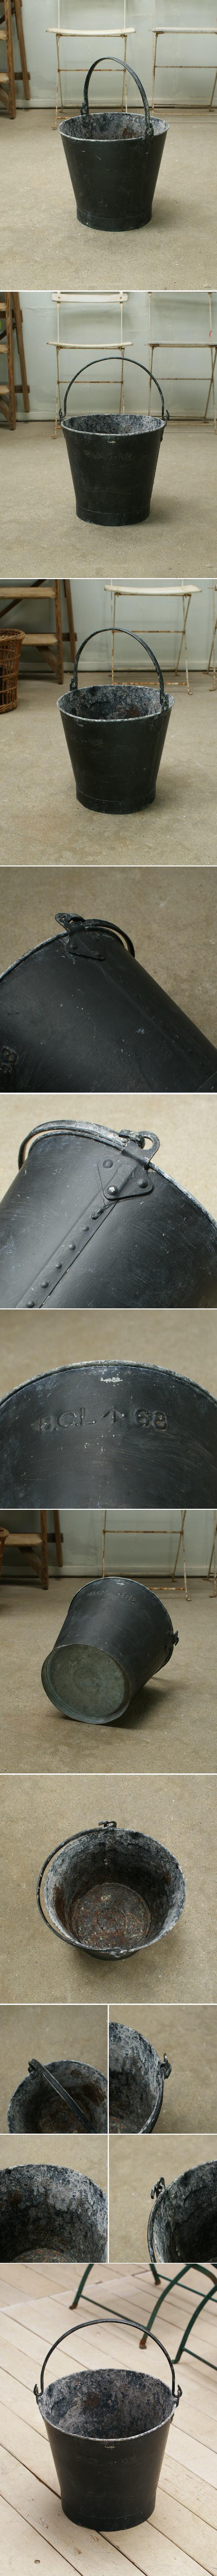 イギリス アンティーク ブリキ製 バケツ ガーデニング 収納 2046